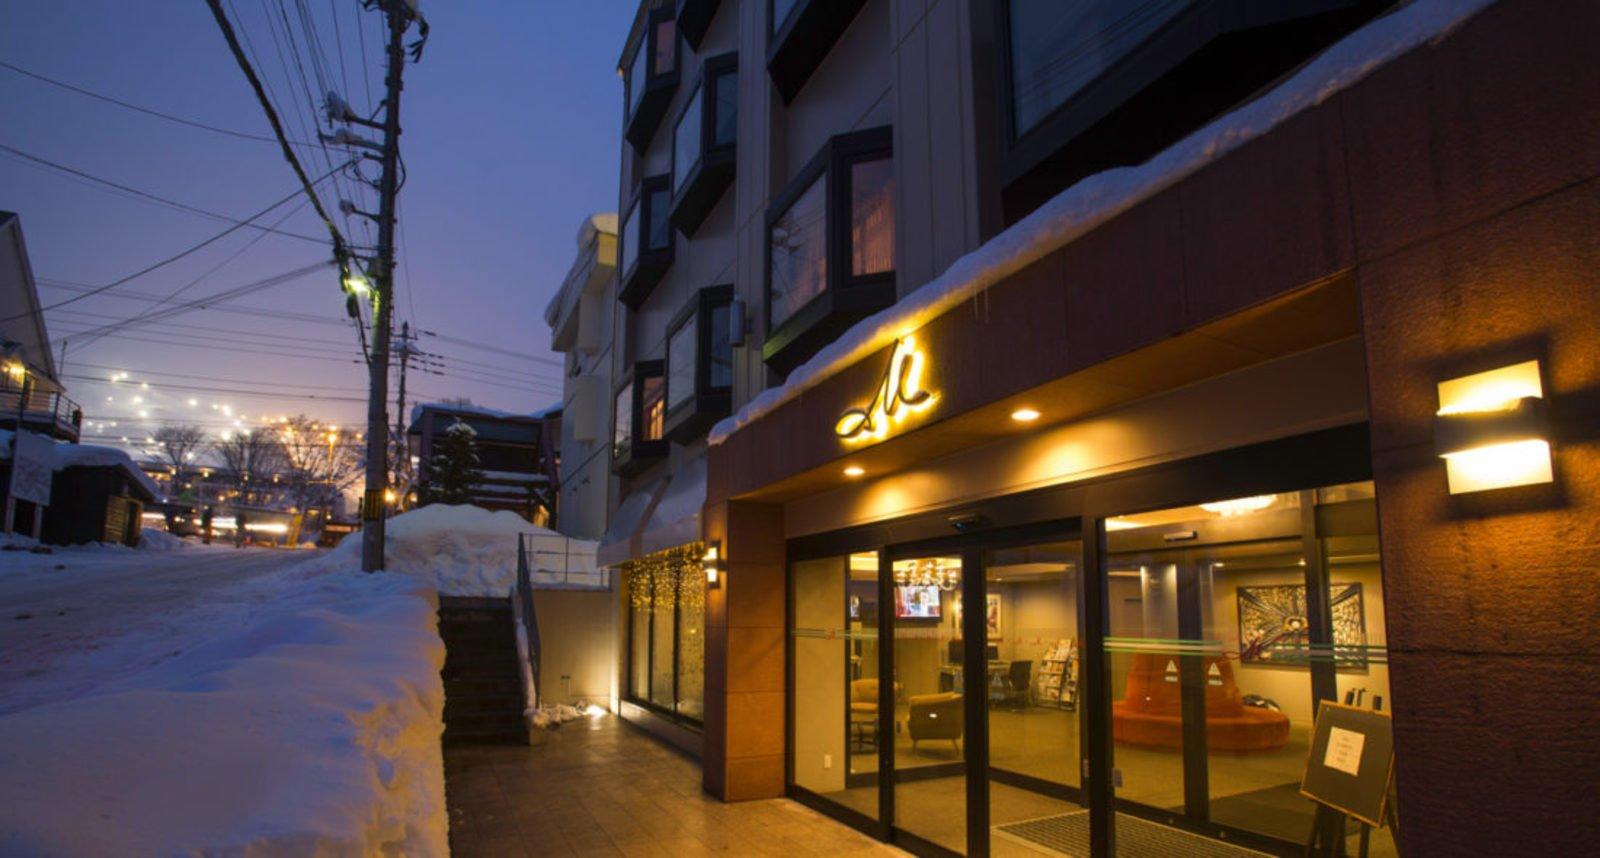 M hotel exterior large